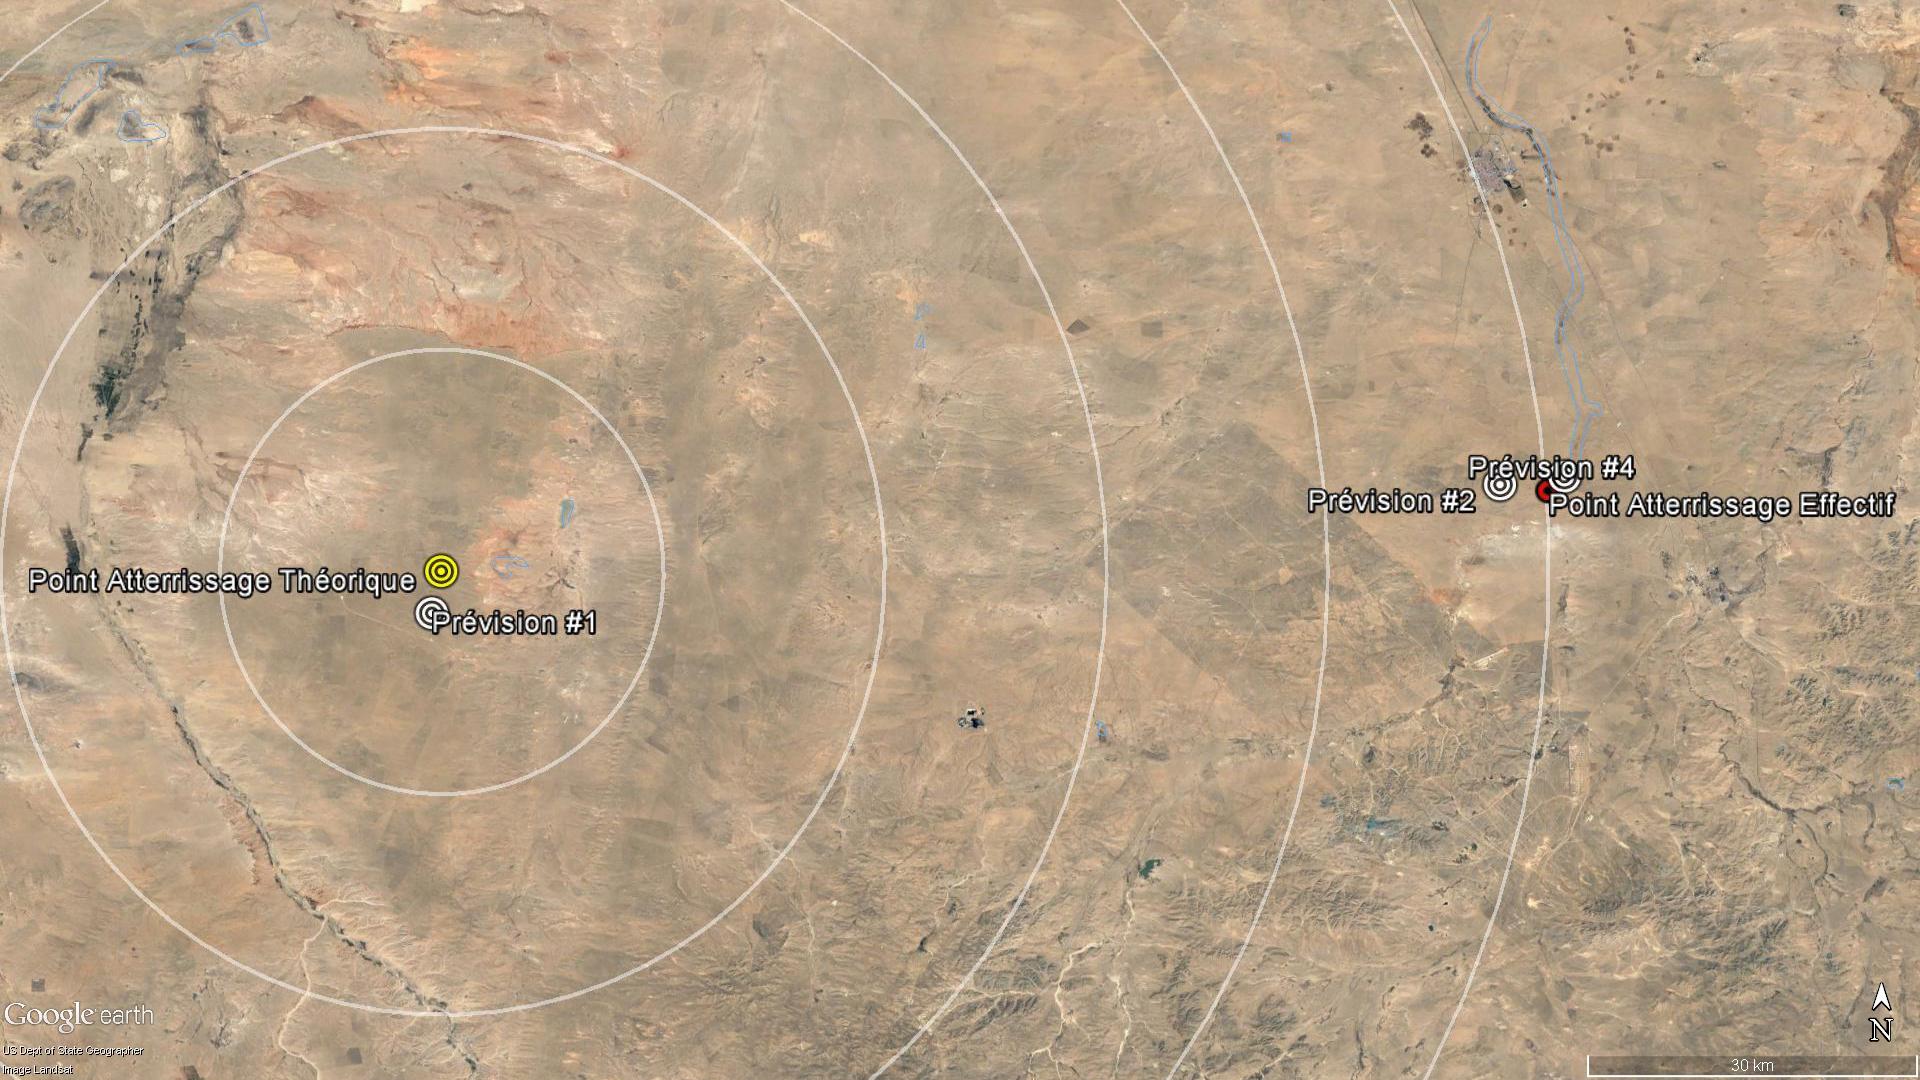 Les prévisions de point d'atterrissage de Shenzhou 11